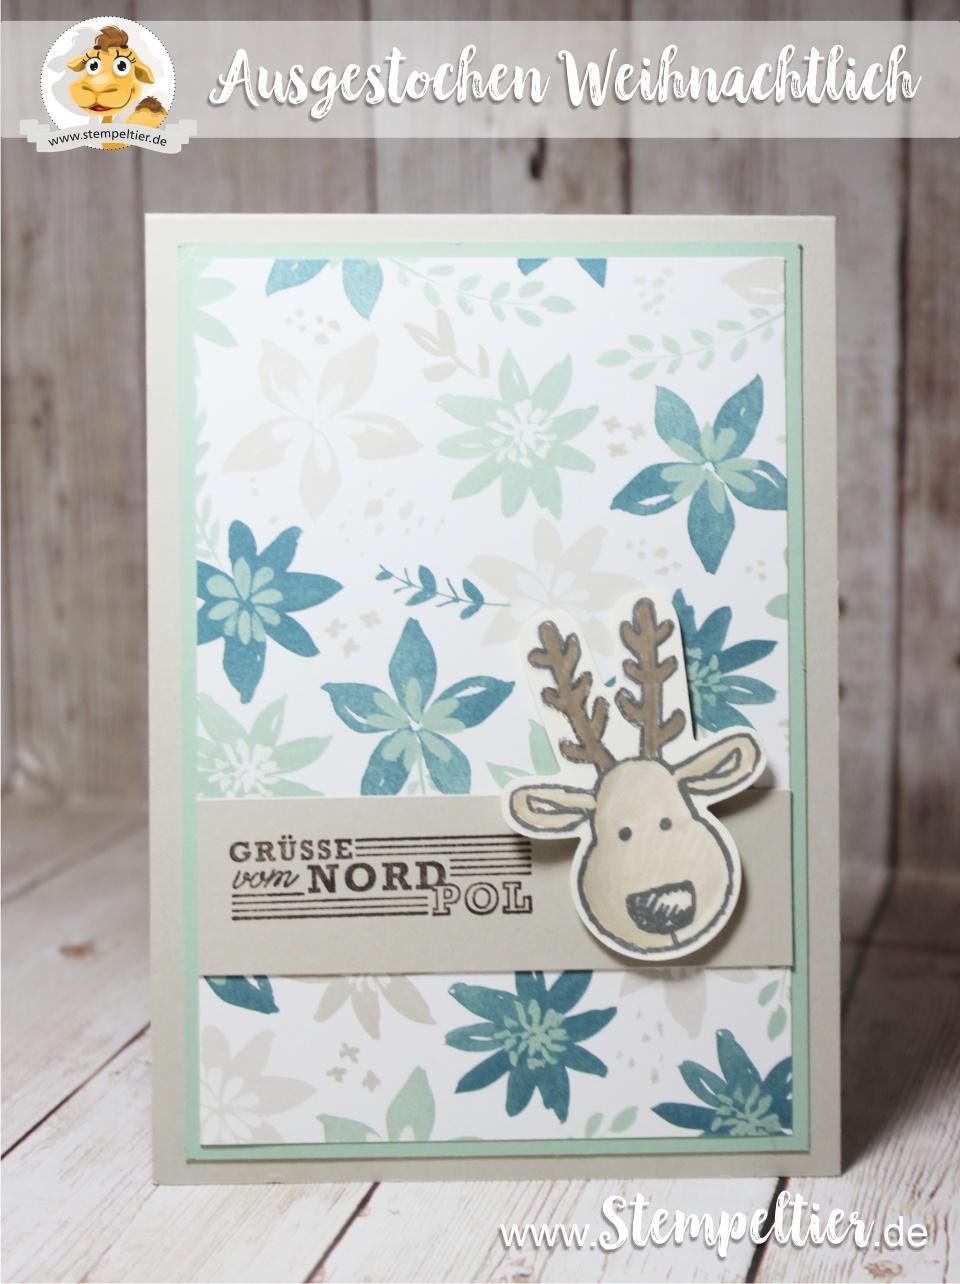 ausgestochen weihnachtlich weihnachtskarte stampin up stempeltier rudi grüße nordpol 2016